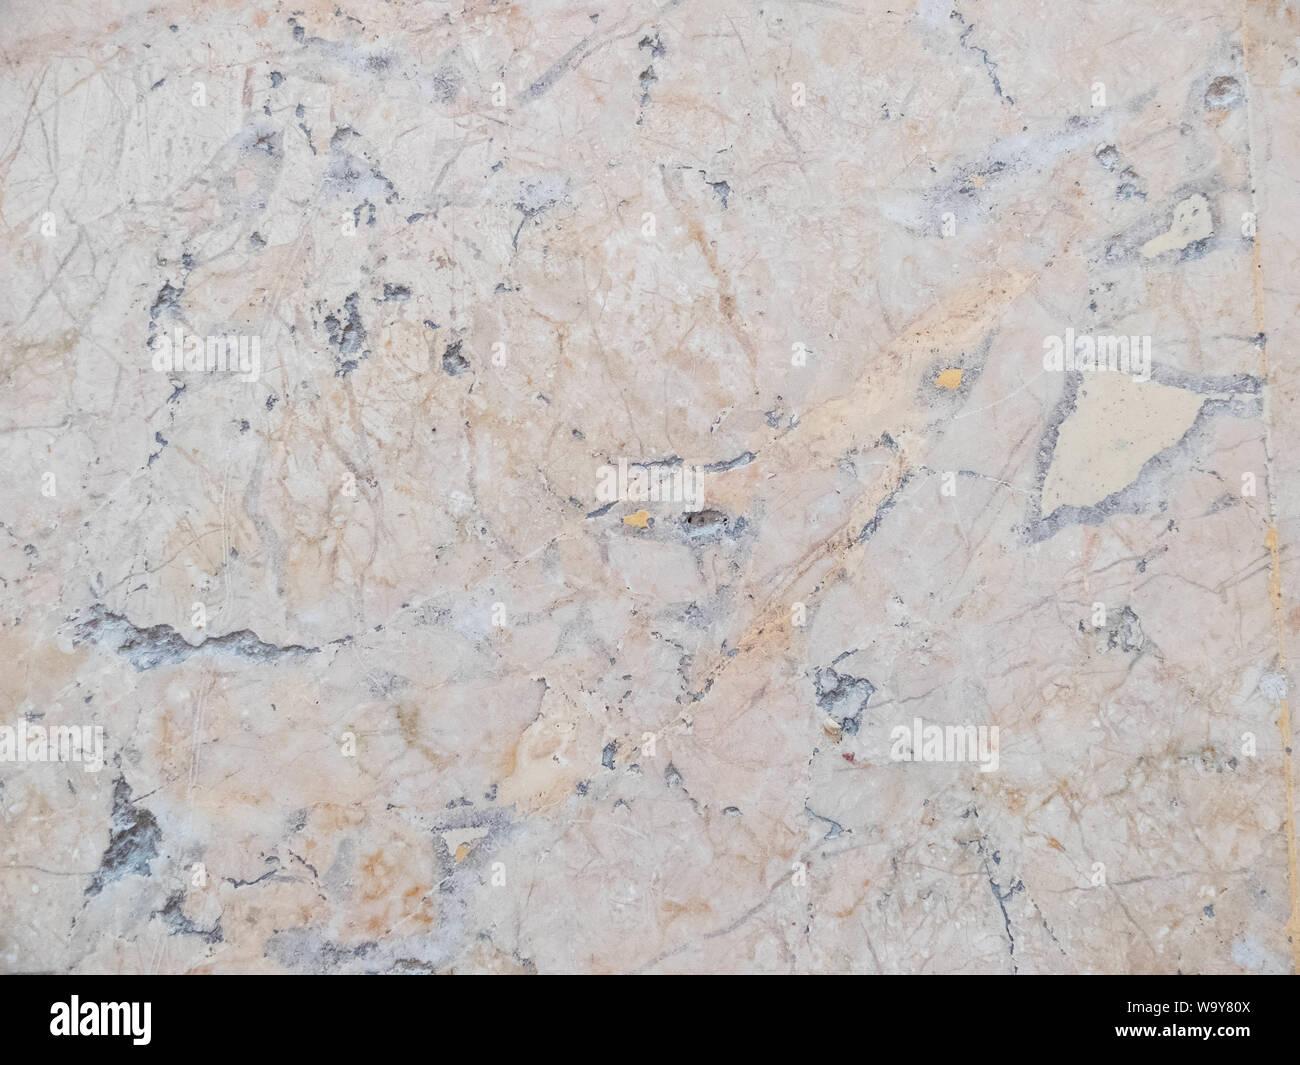 Jaune, orange et gris en texture. Arrière-plan de pierre modèle homogène. Banque D'Images